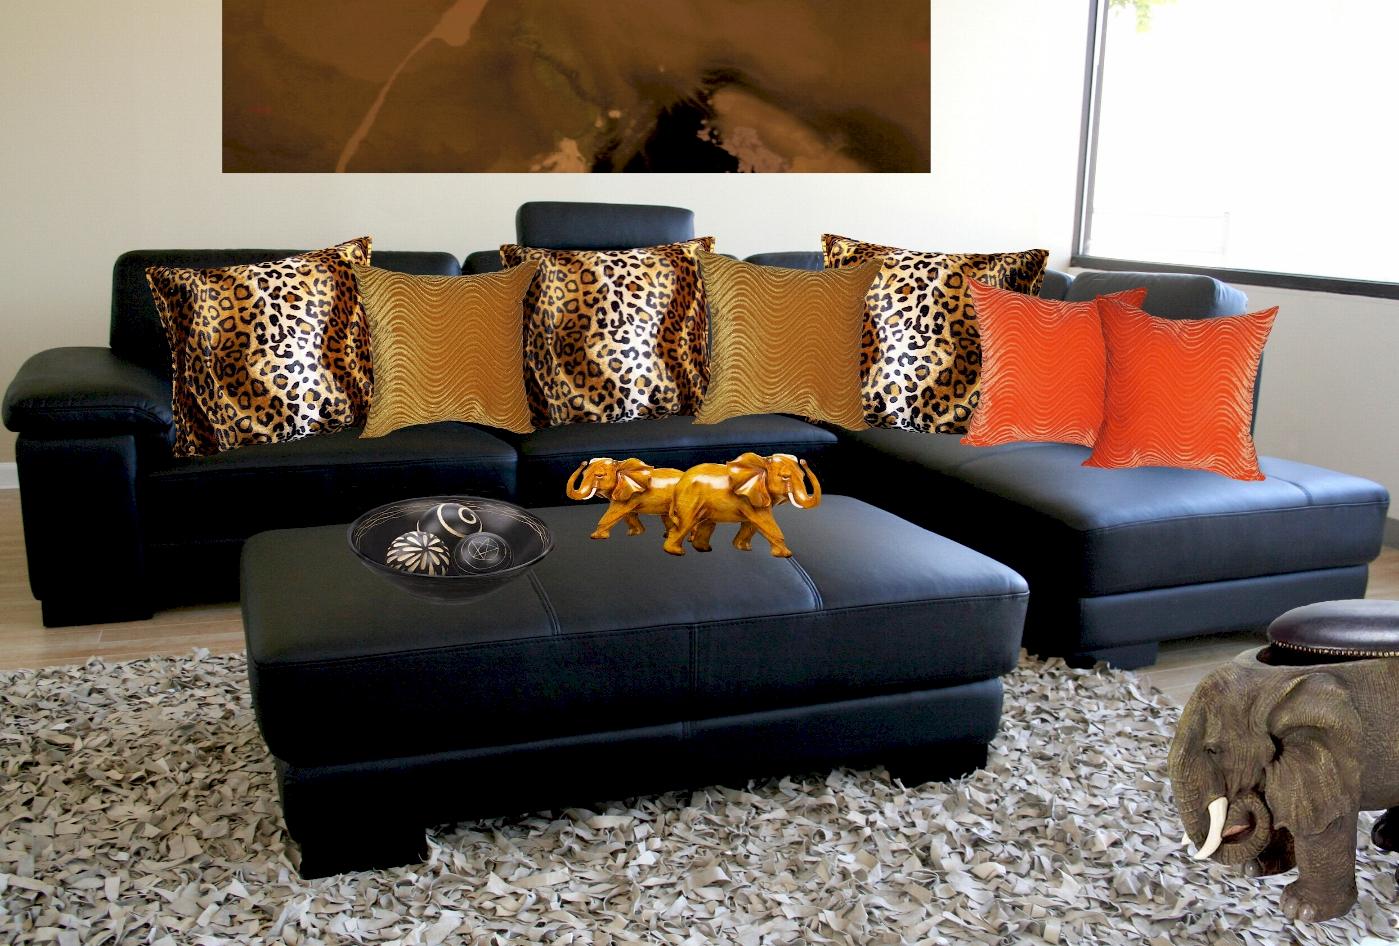 Leopard Print Living Room Decor Mixing Wood Colors In Living Room A Living Room A Sopongiro